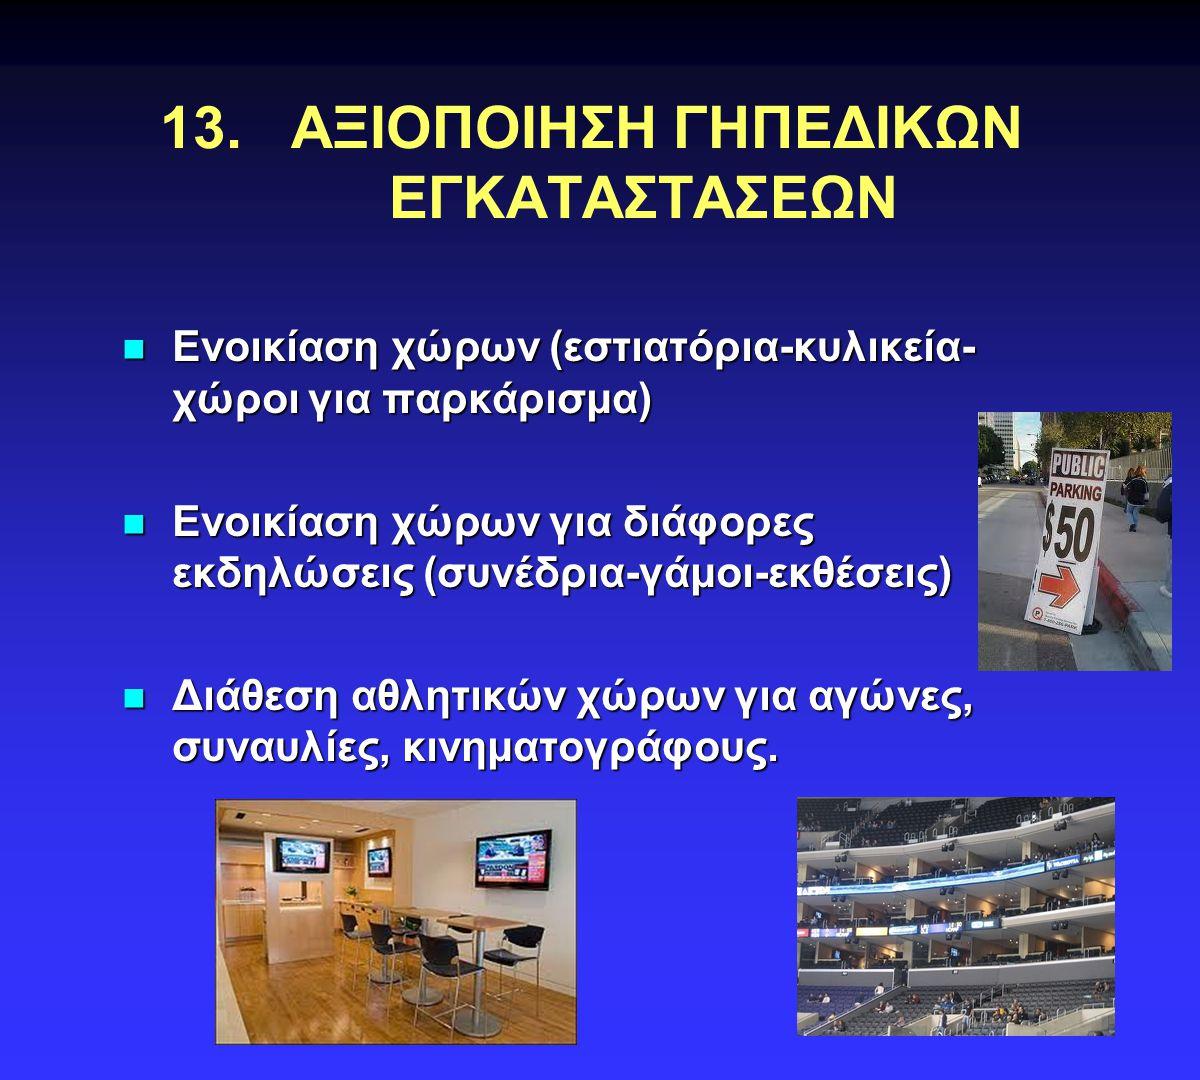 13. ΑΞΙΟΠΟΙΗΣΗ ΓΗΠΕΔΙΚΩΝ ΕΓΚΑΤΑΣΤΑΣΕΩΝ